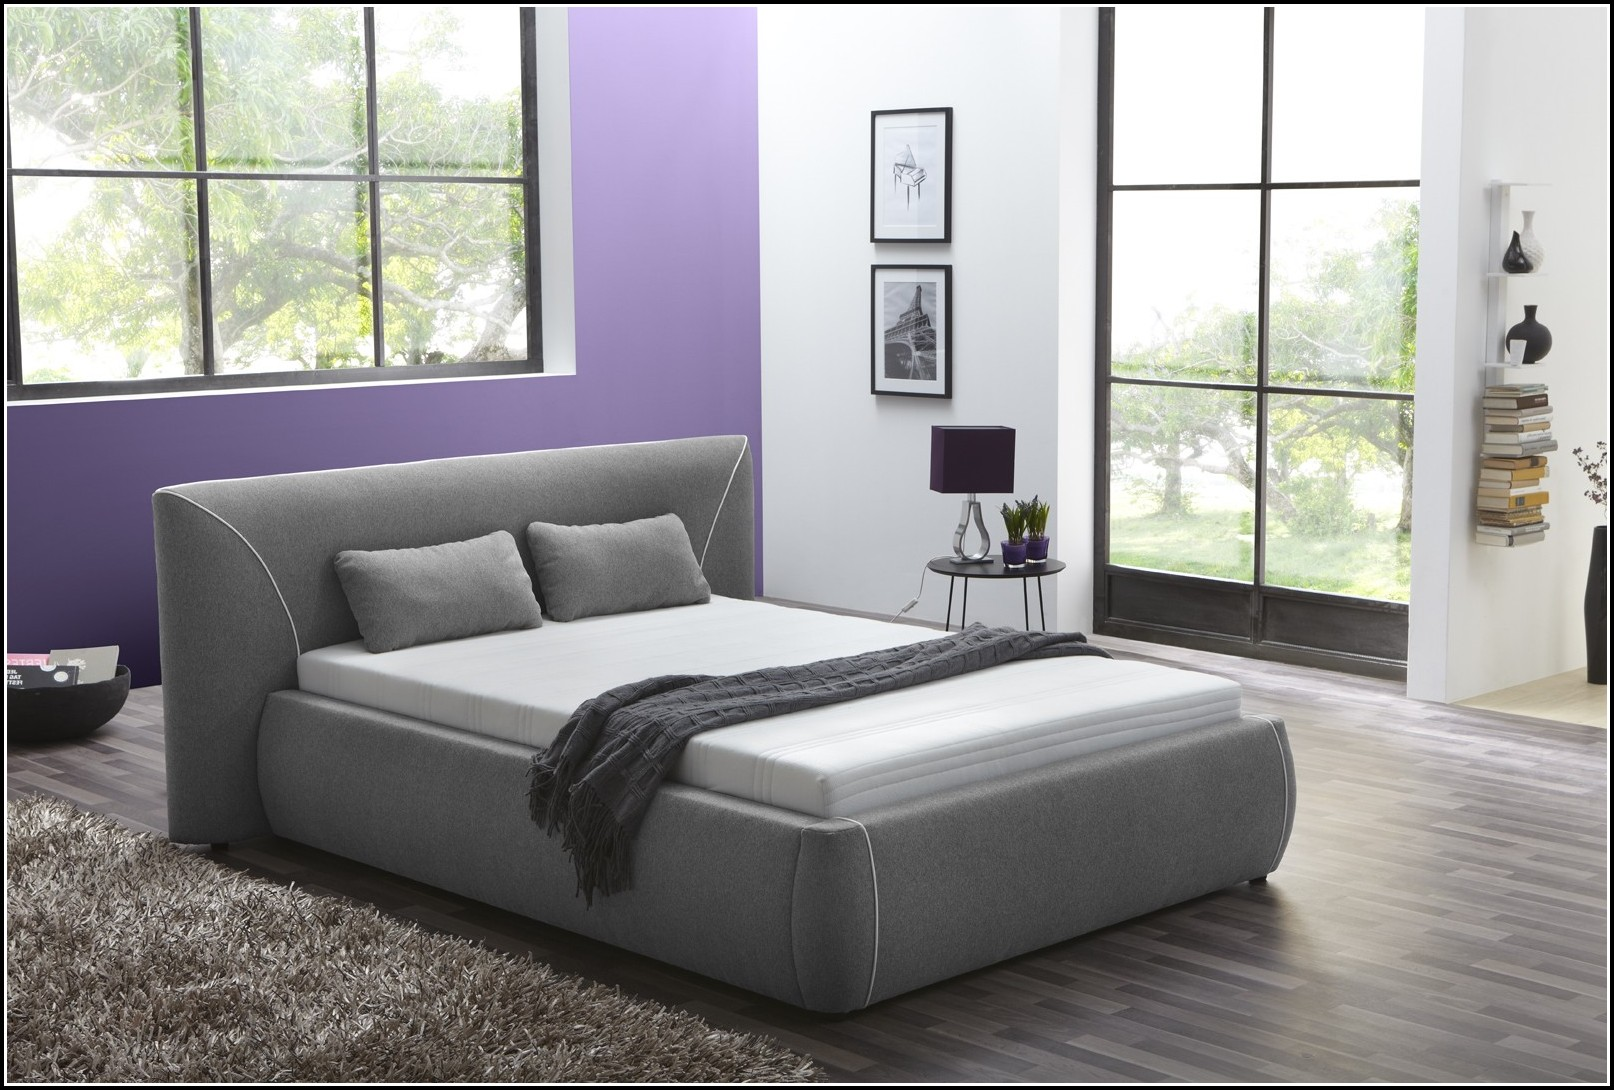 Malm Bett 140 Weiß